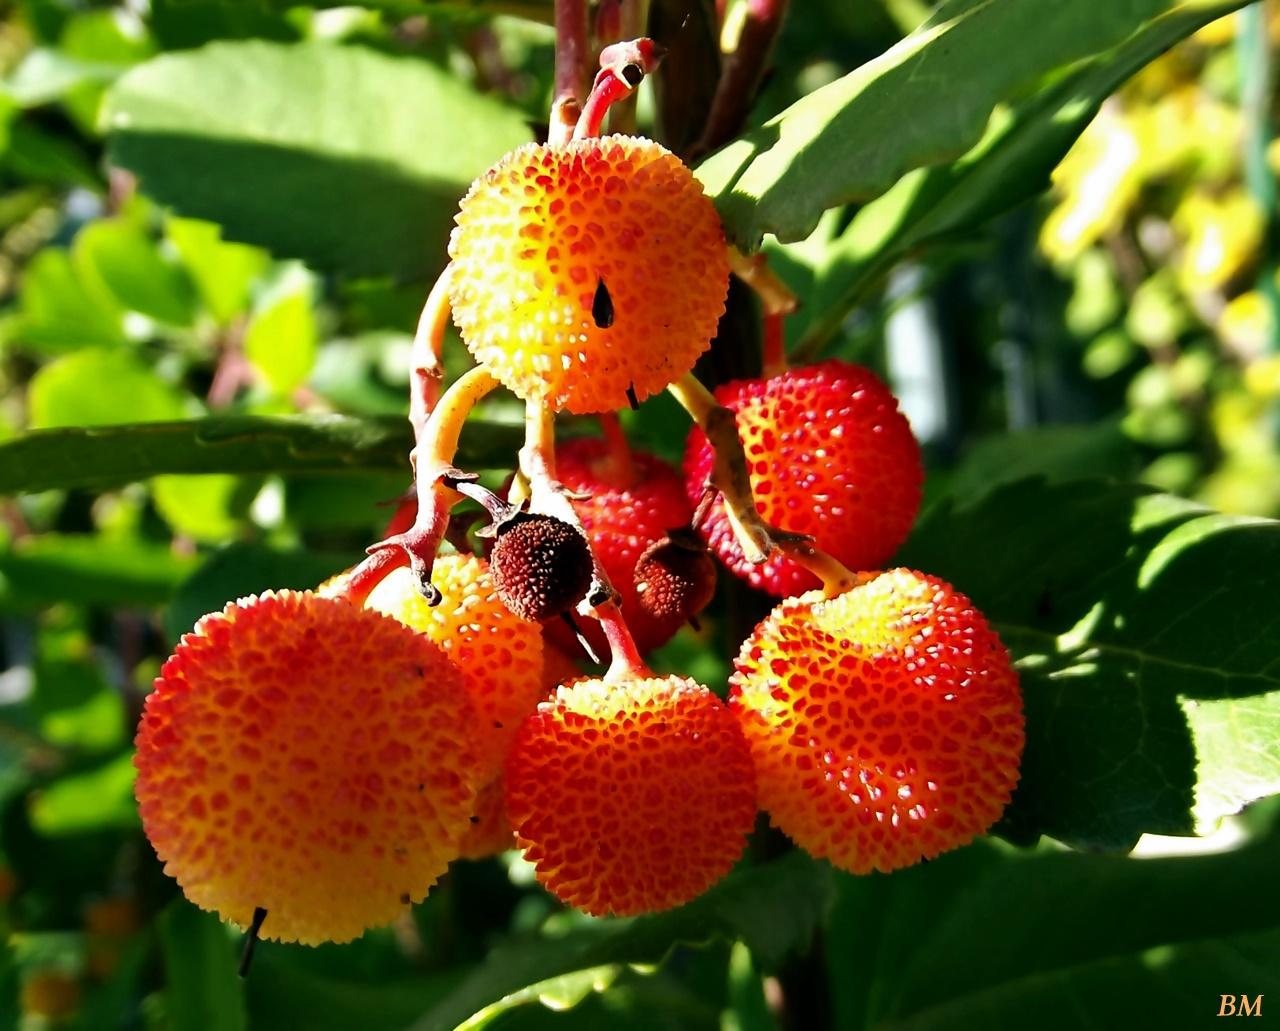 Eperfa termése vagy más